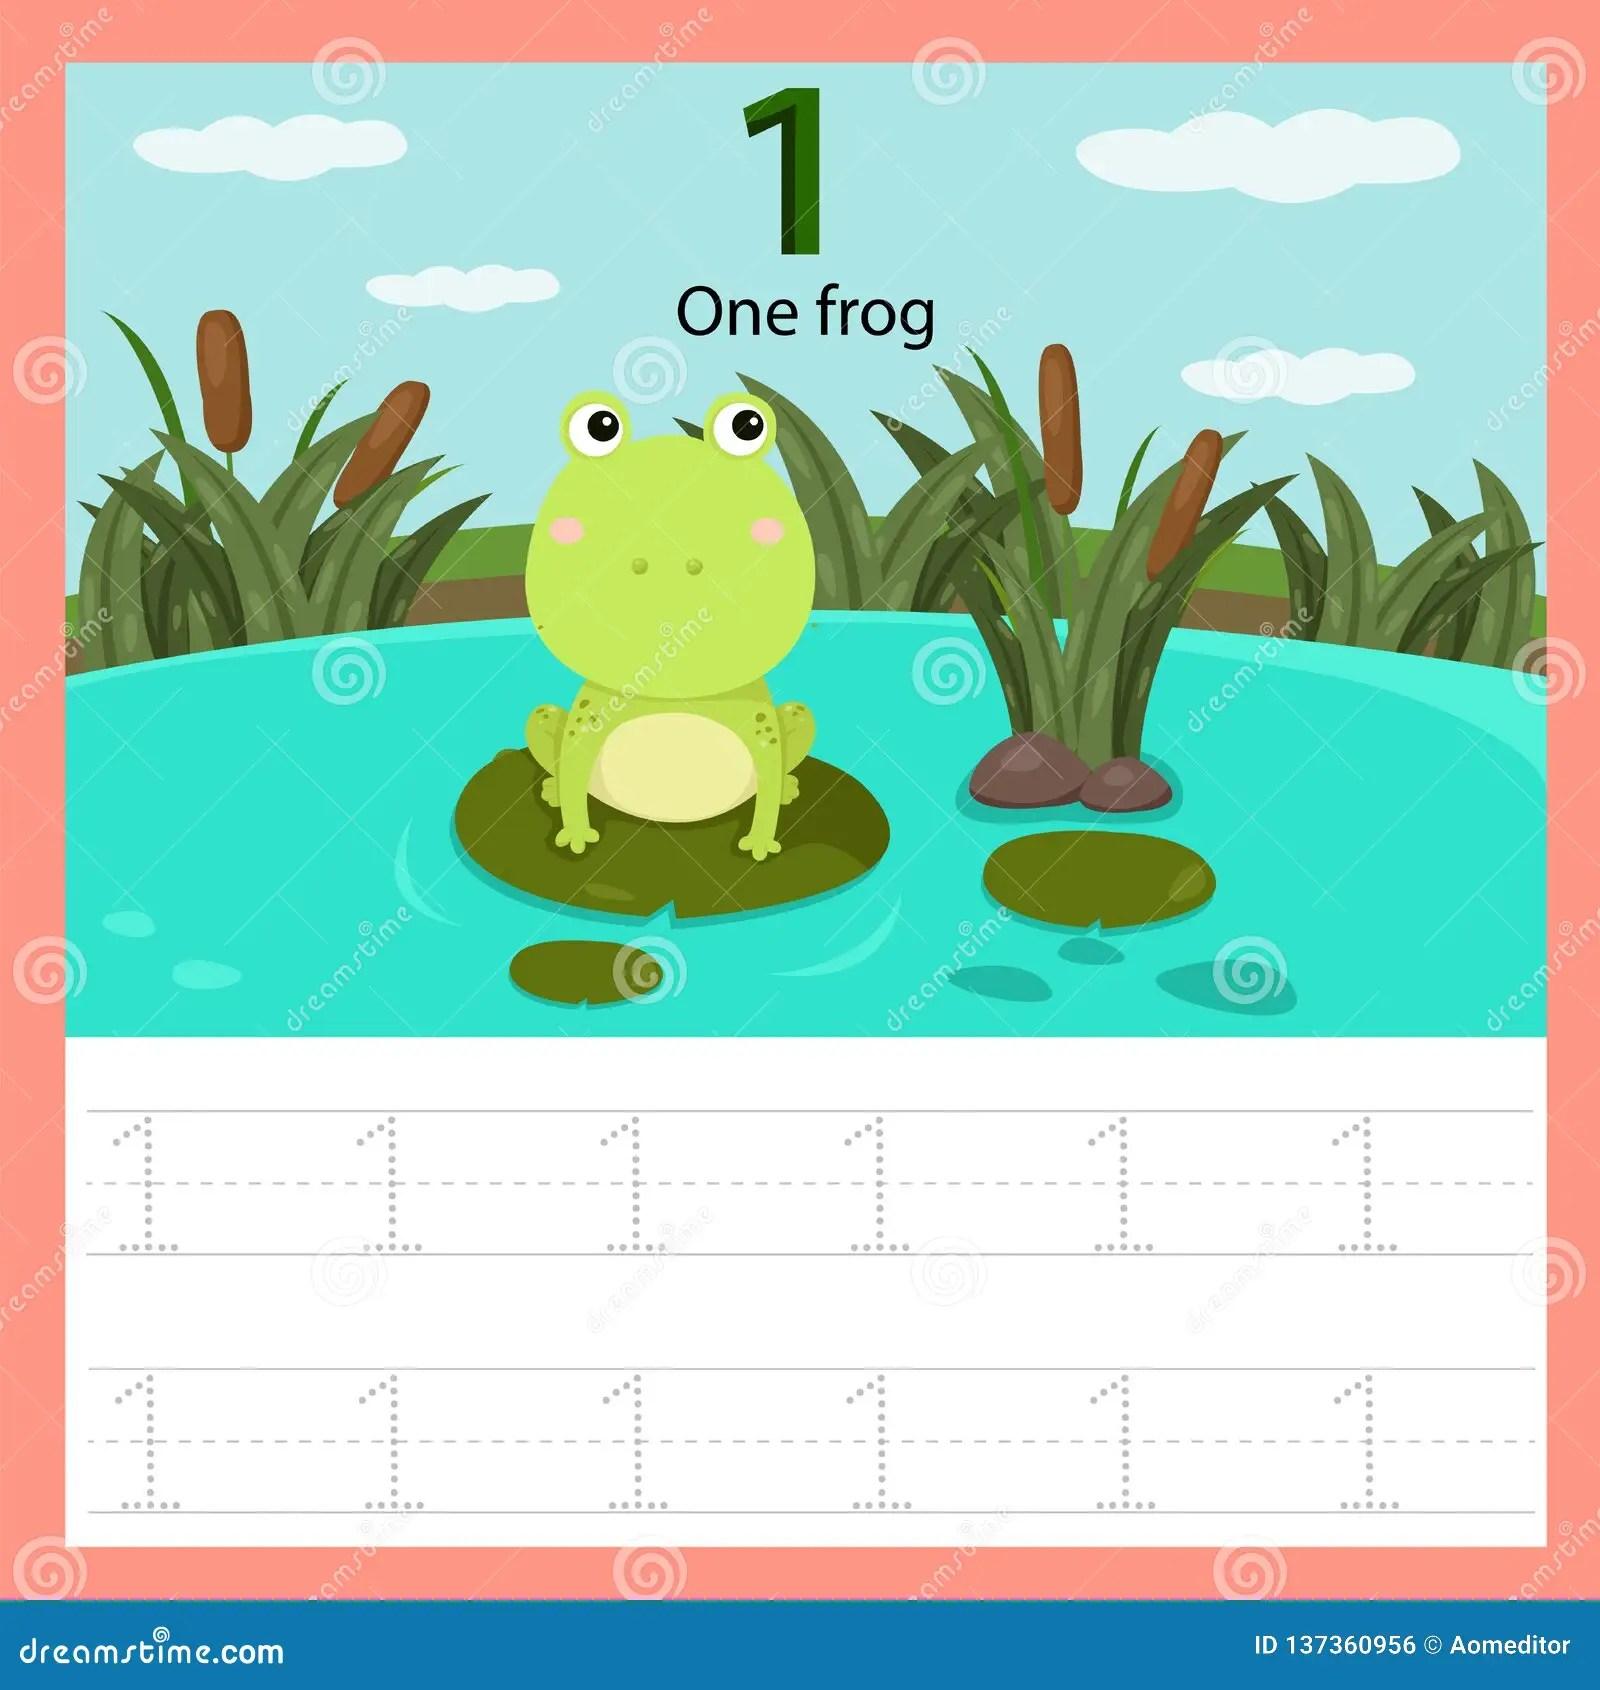 Illustrator Of Worksheet One Frog Stock Vector